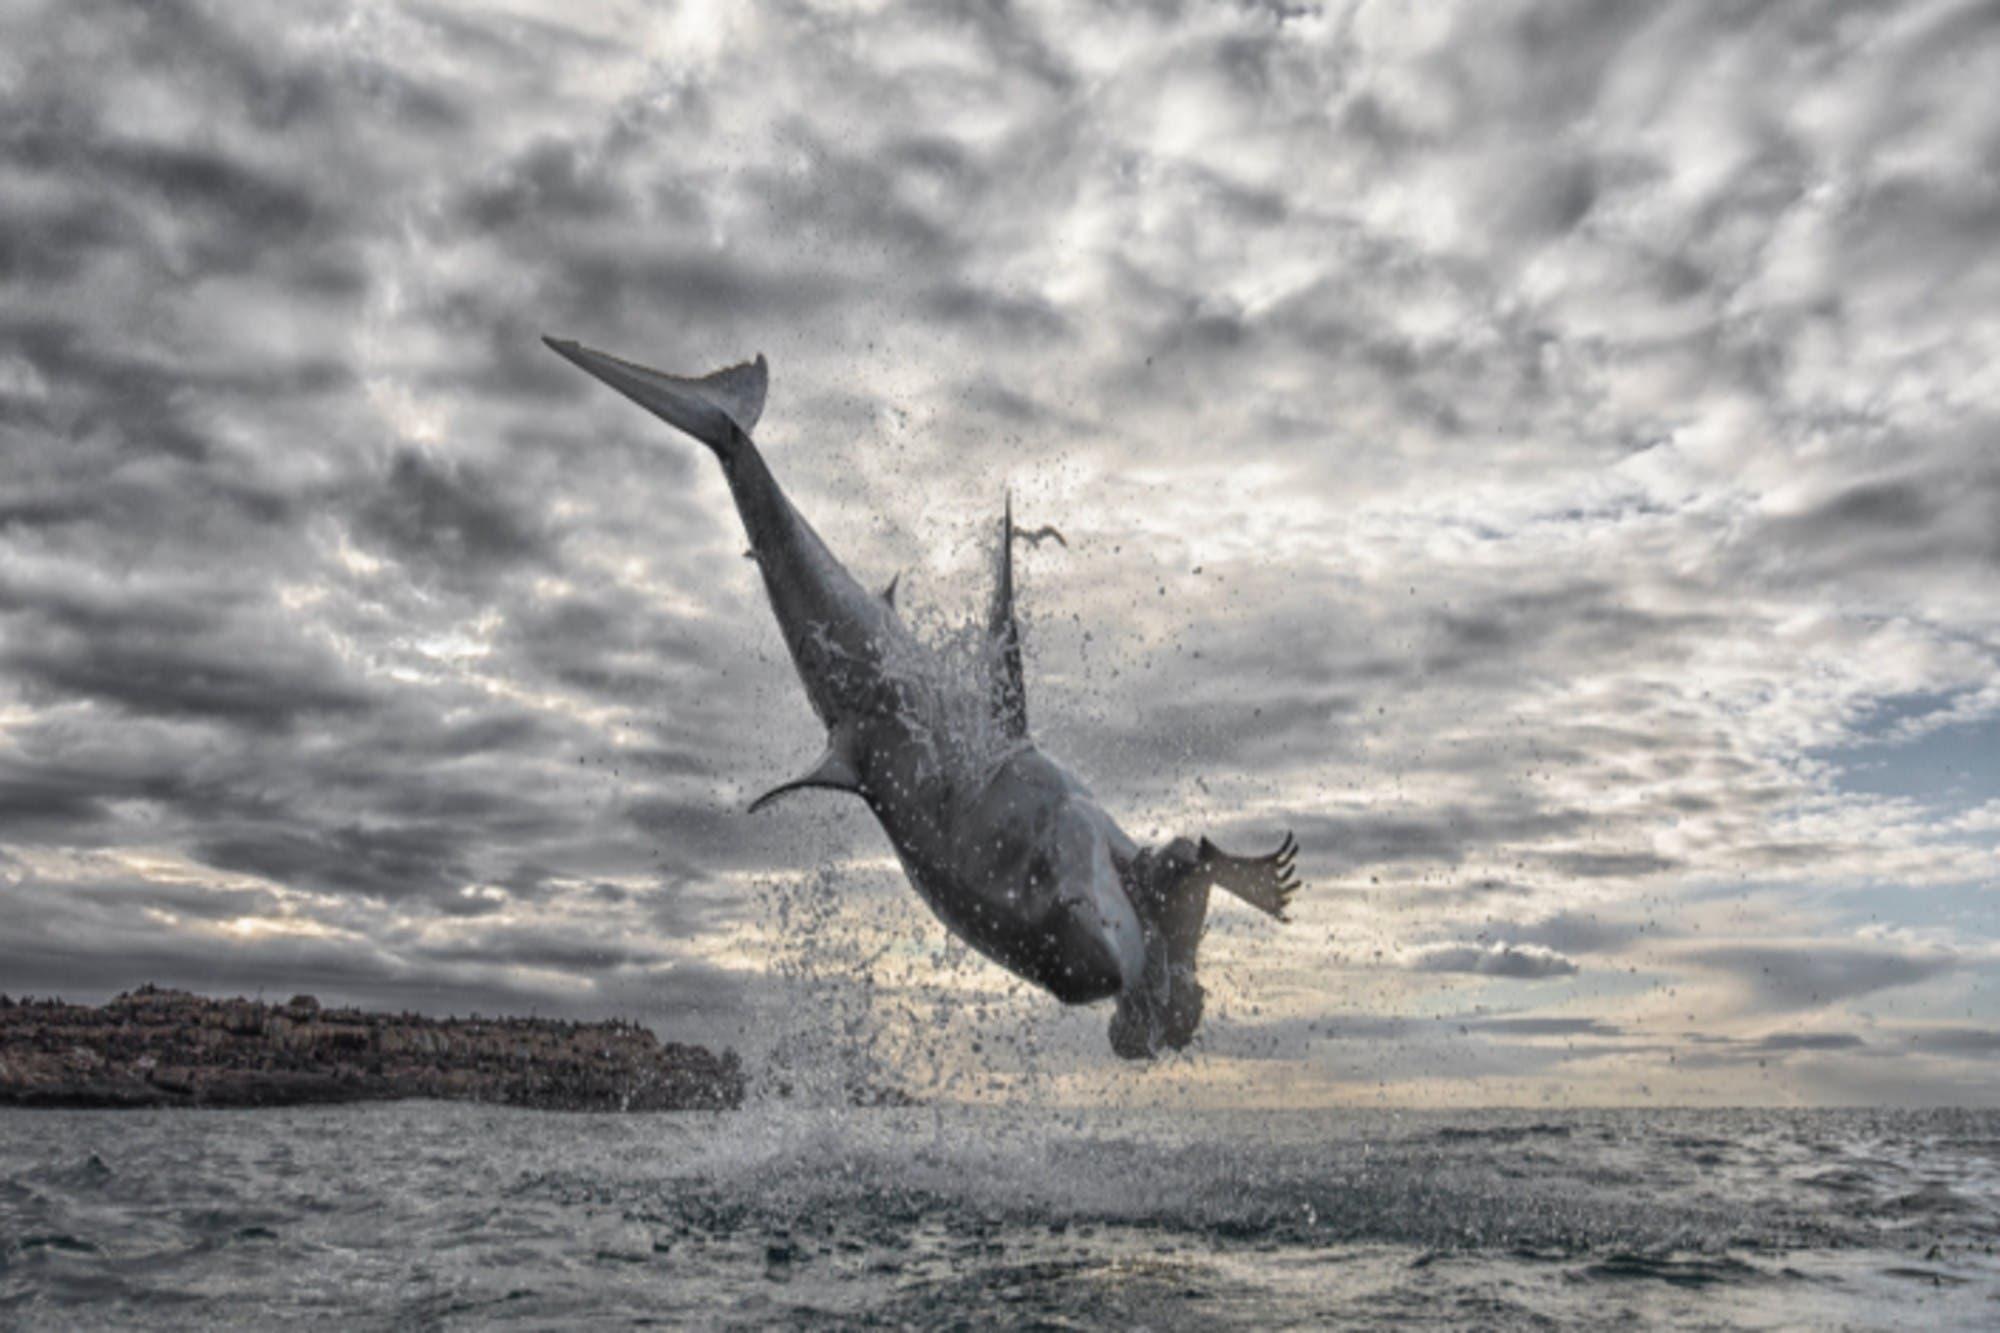 El salto más impresionante de un tiburón